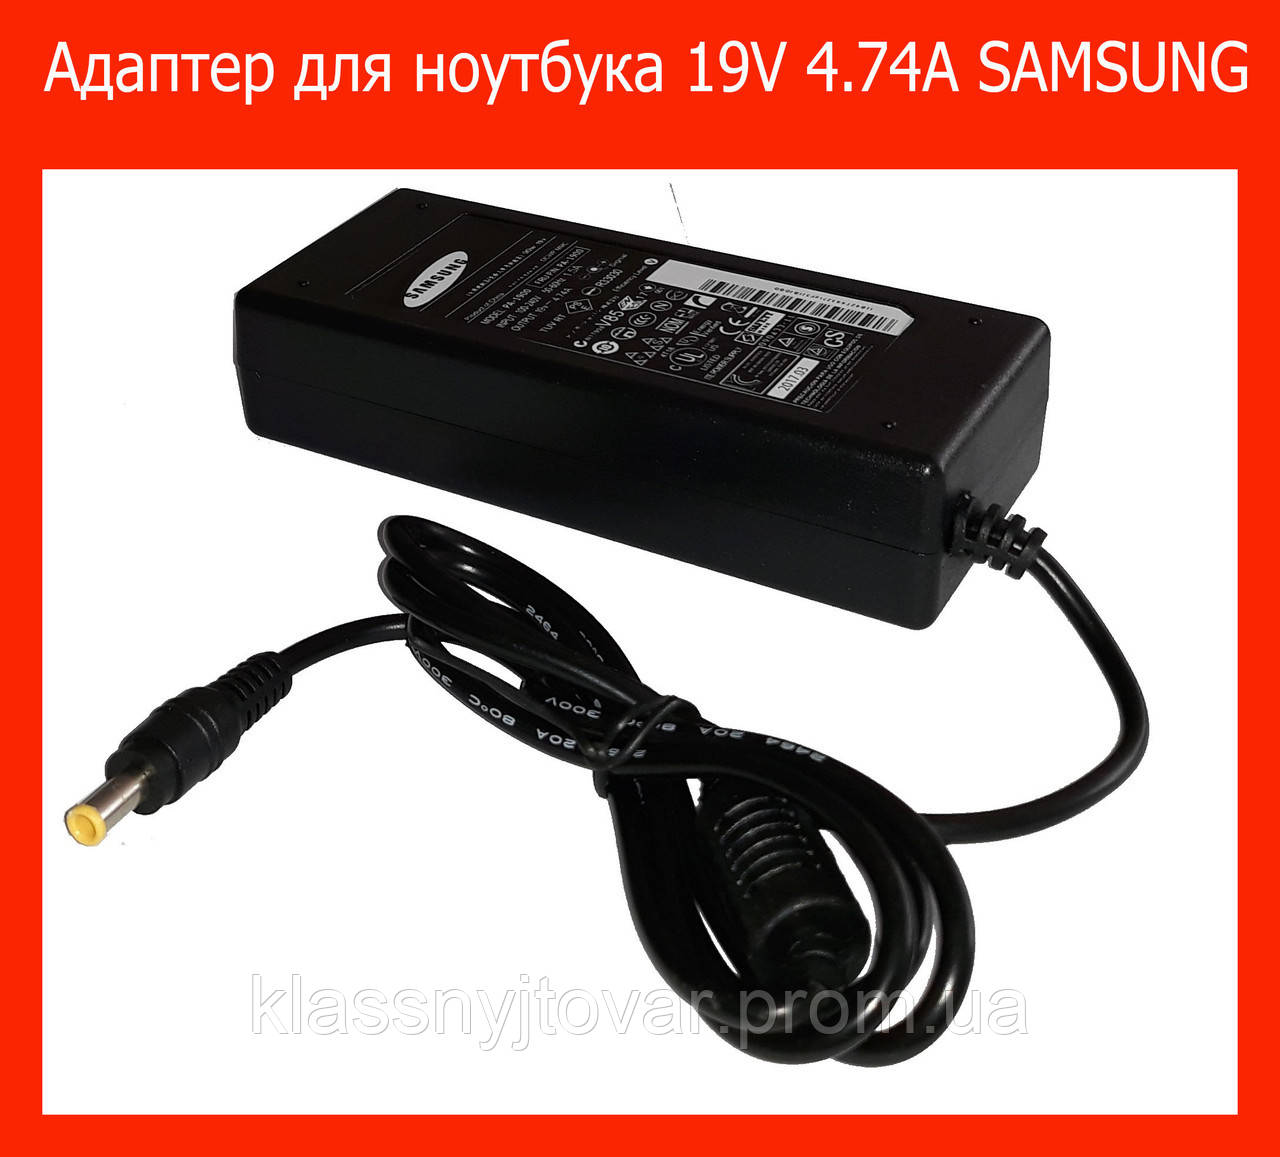 Адаптер для ноутбука 19V 4.74A SAMSUNG 5.0*14.7!Акция